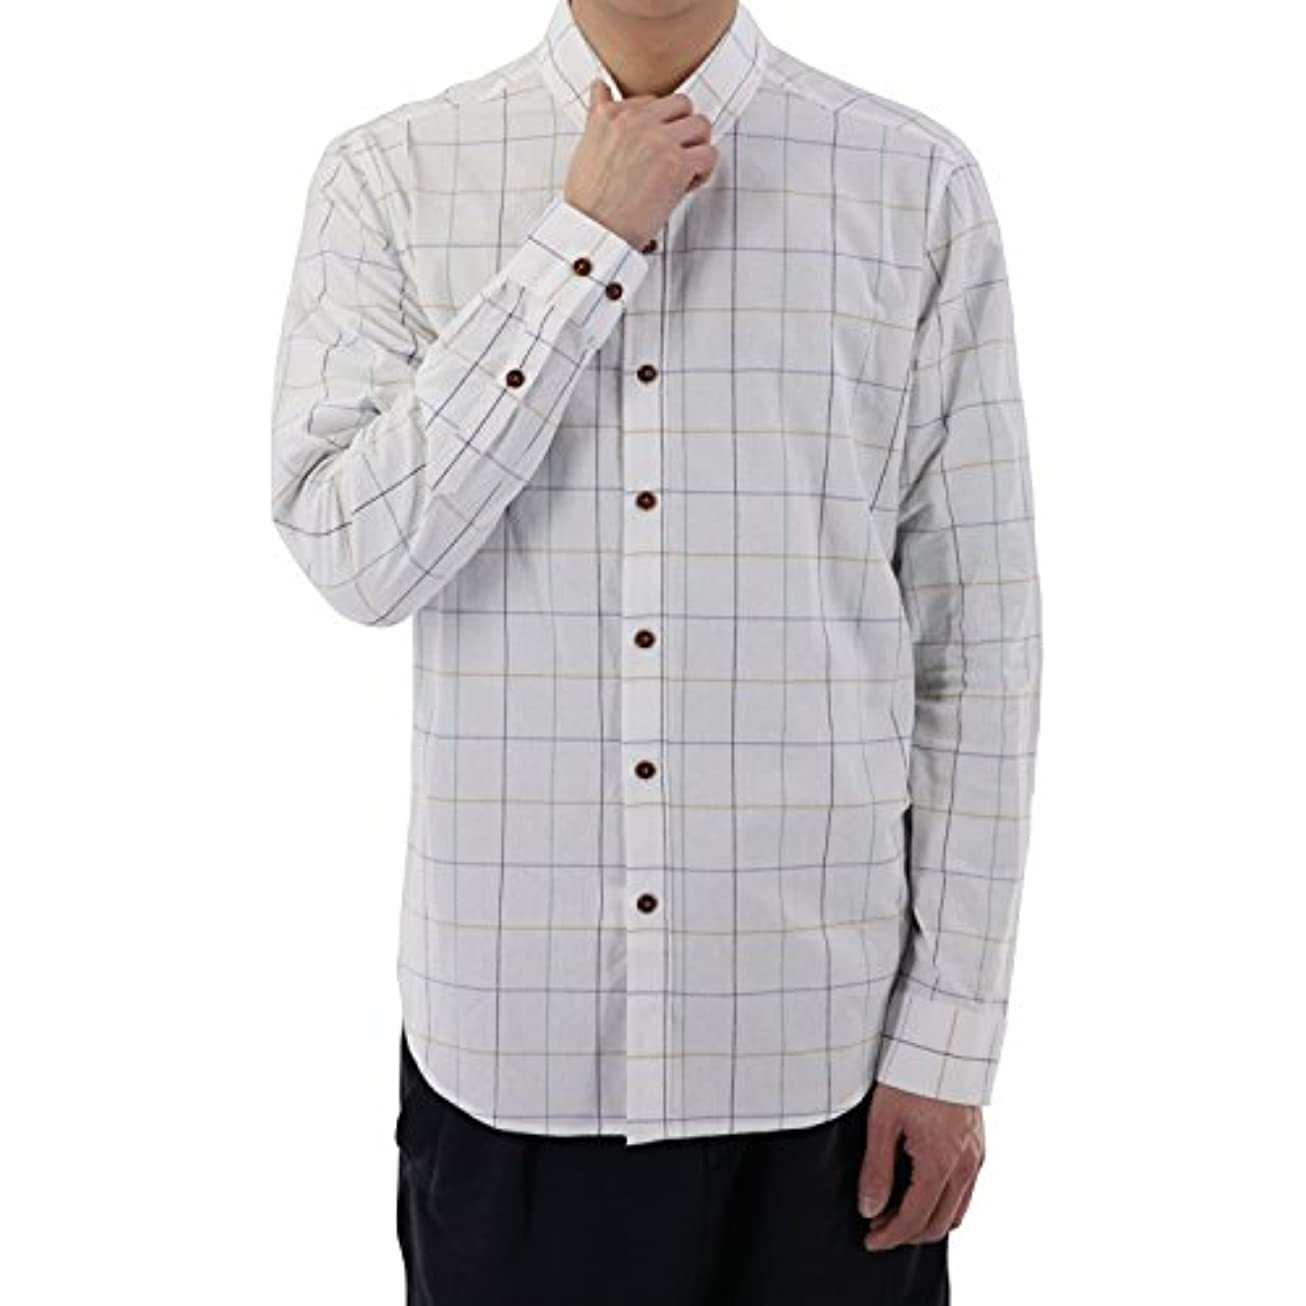 ファックス幽霊従者ベラバント(Veravant)シャツ メンズ チェック 長袖 ワイシャツ ボタンダウン 襟 おしゃれ カジュアルシャツ S-XL 全5色 オールシーズン